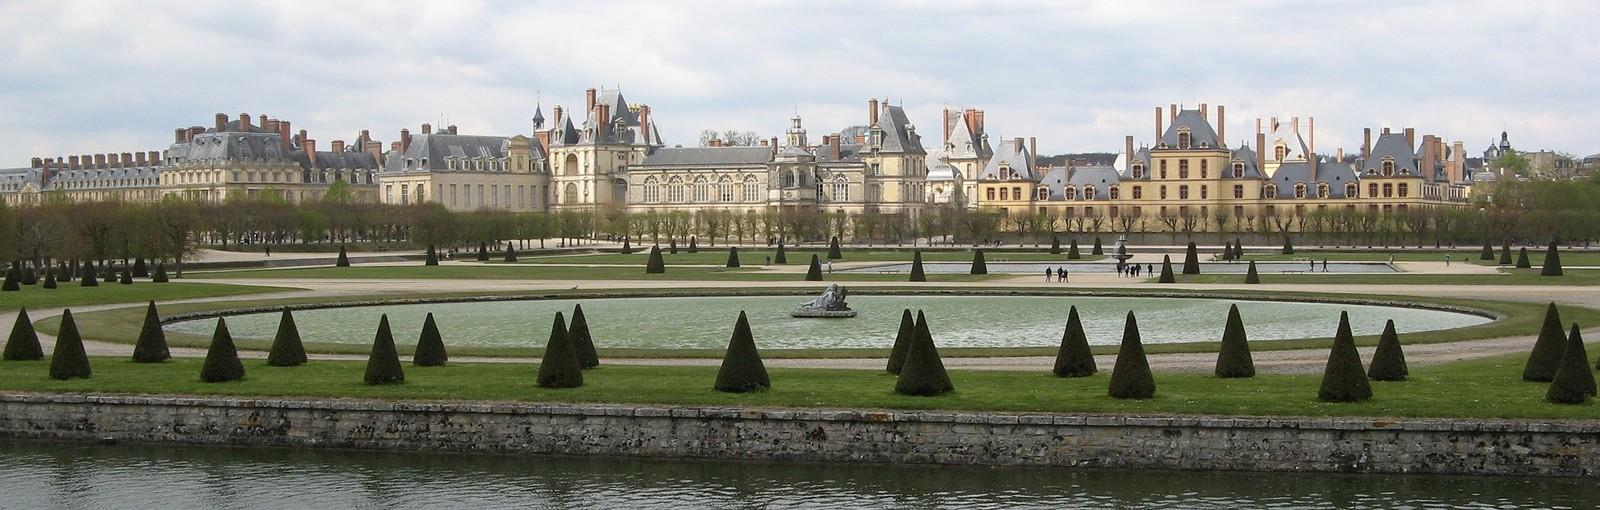 Tours Fontainebleau et Barbizon - Demi-journées - Excursions au départ de Paris